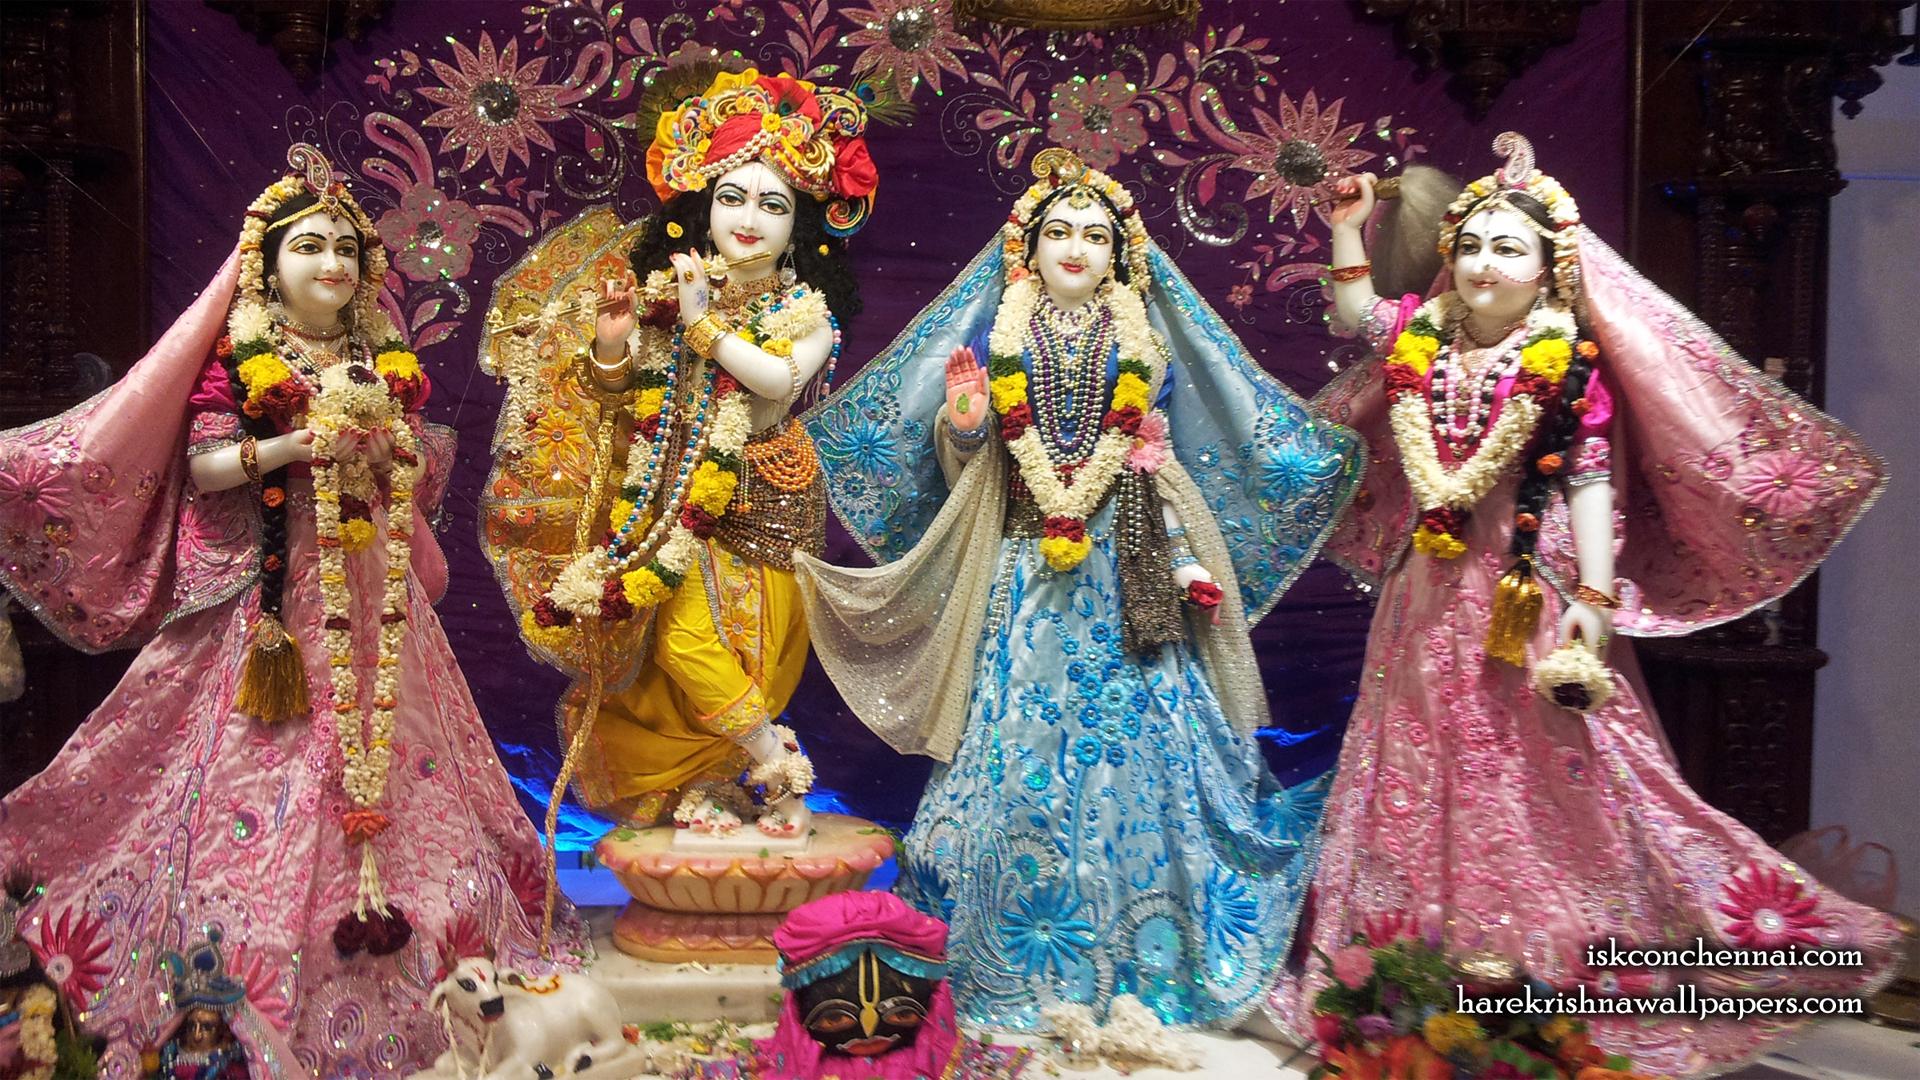 Sri Sri Radha Krishna Lalita Vishakha Wallpaper (002) Size 1920x1080 Download